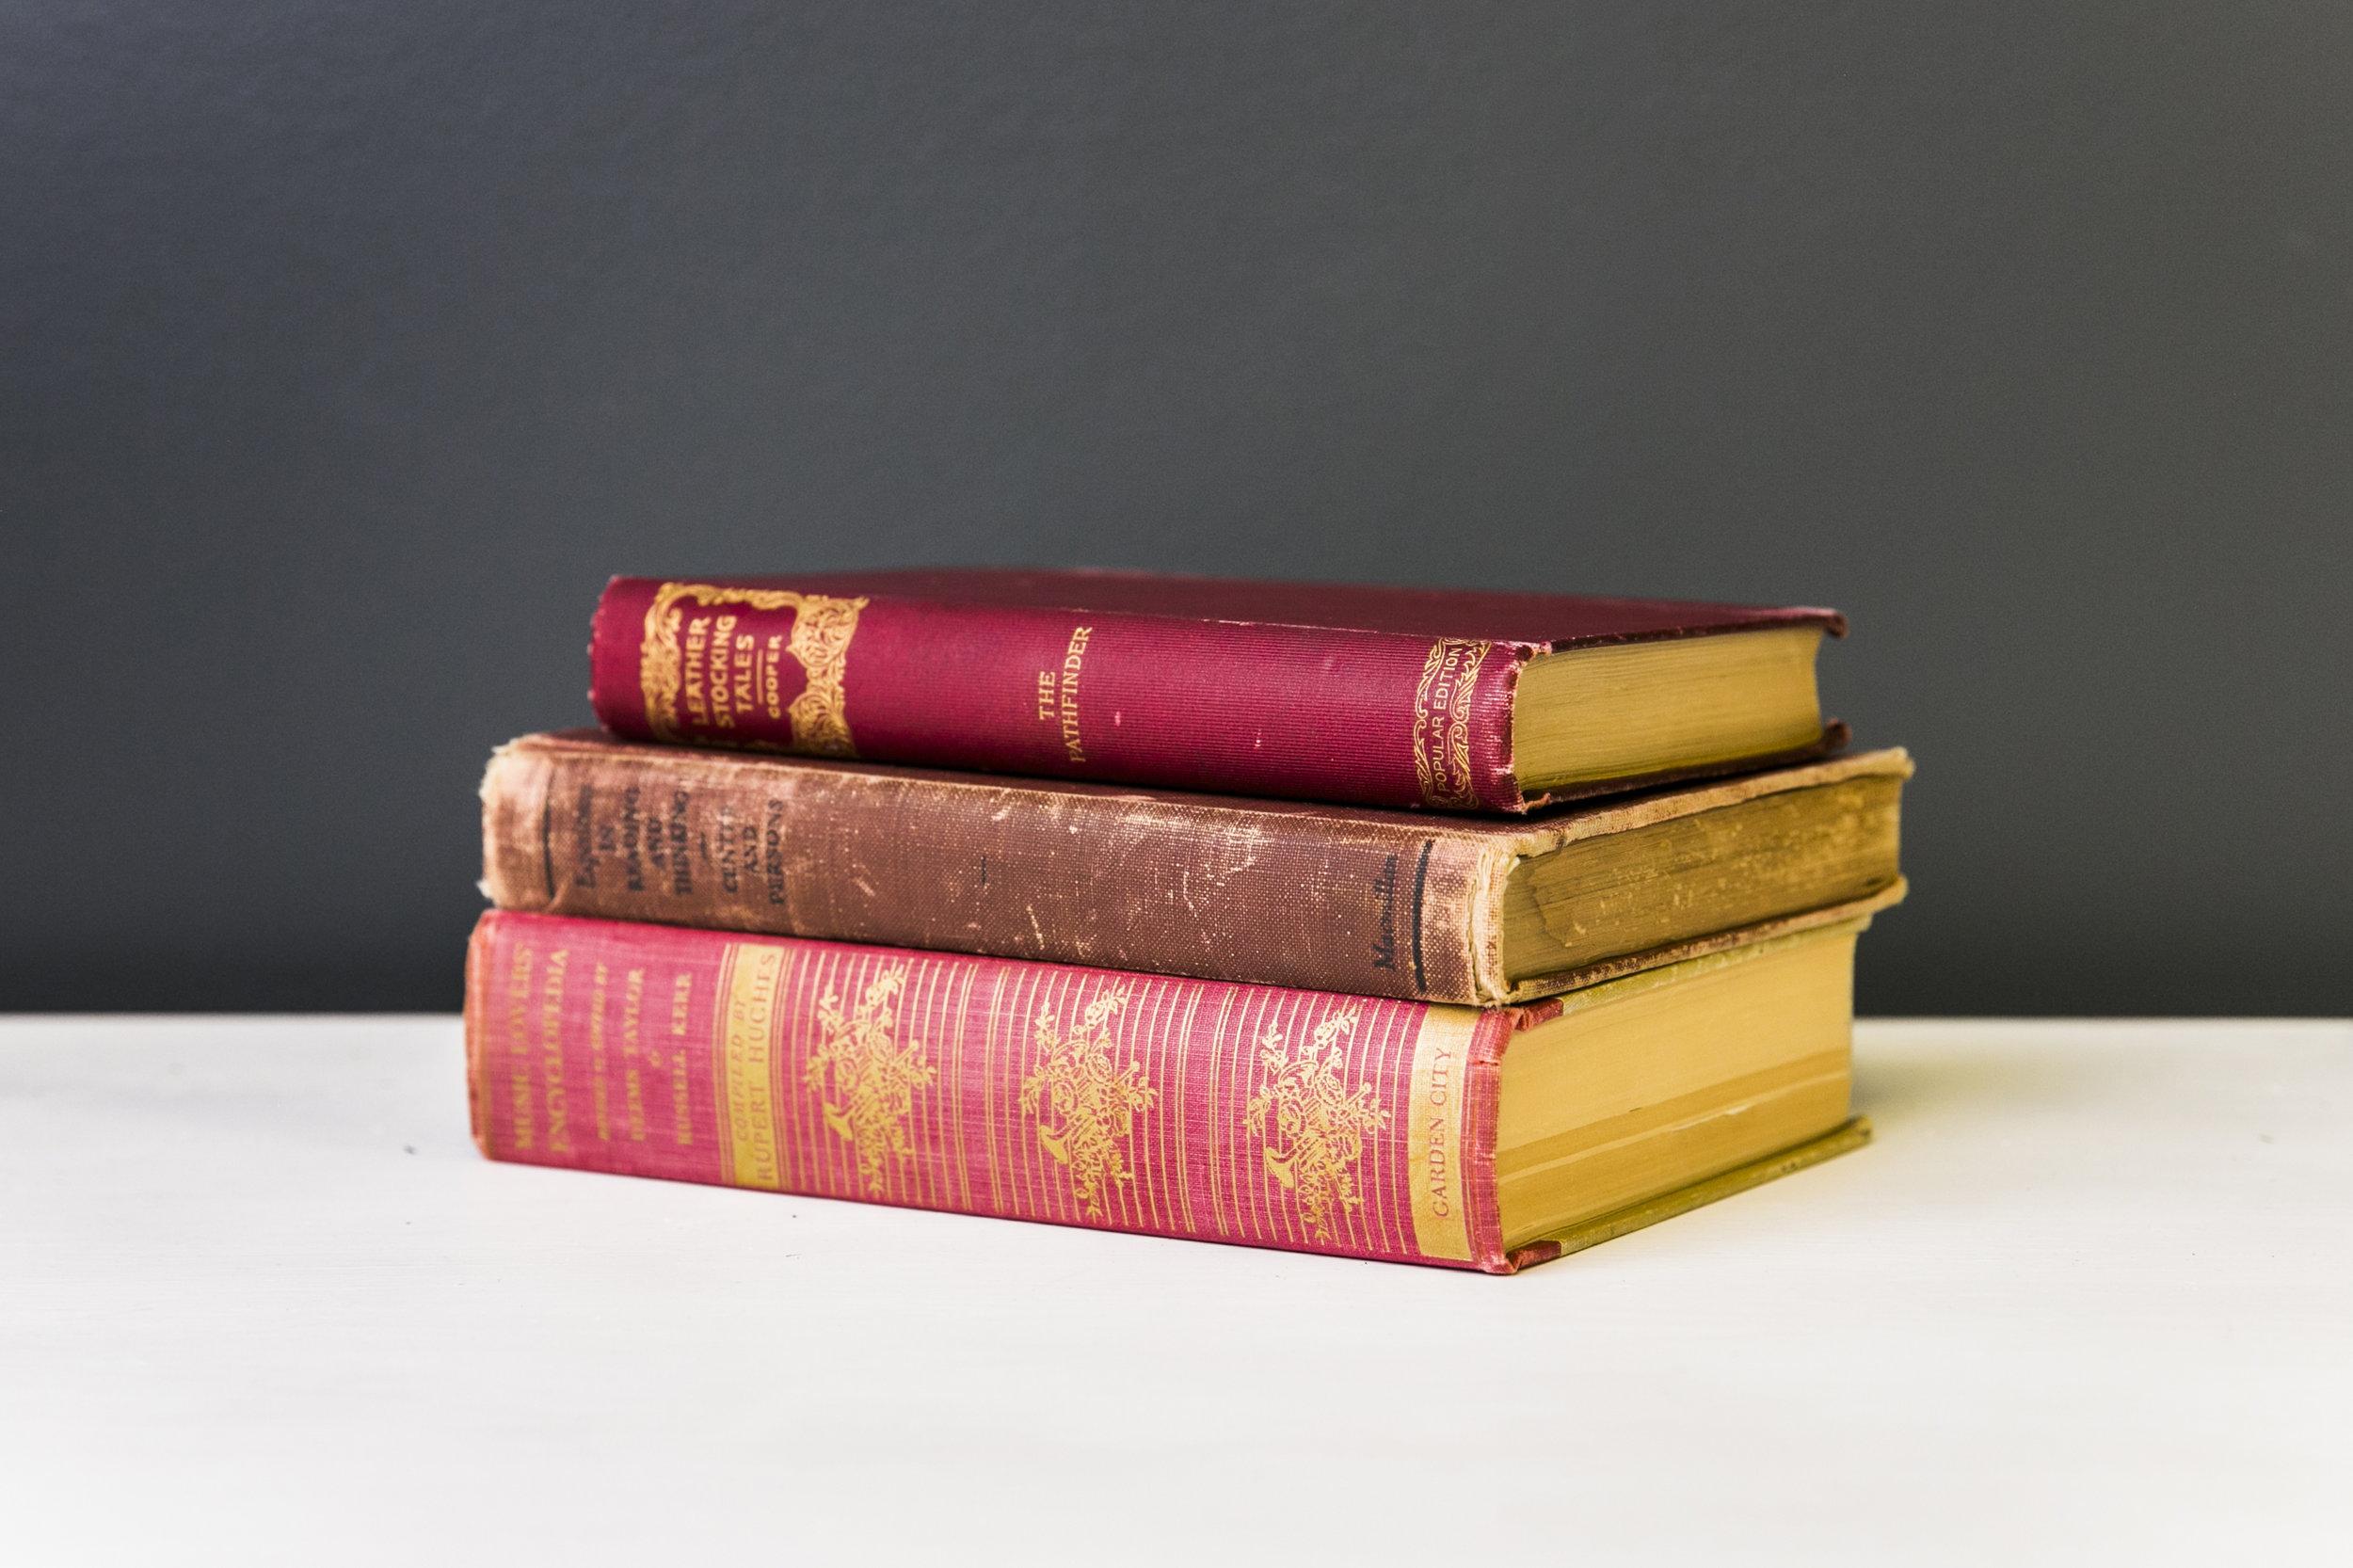 Books - Reds